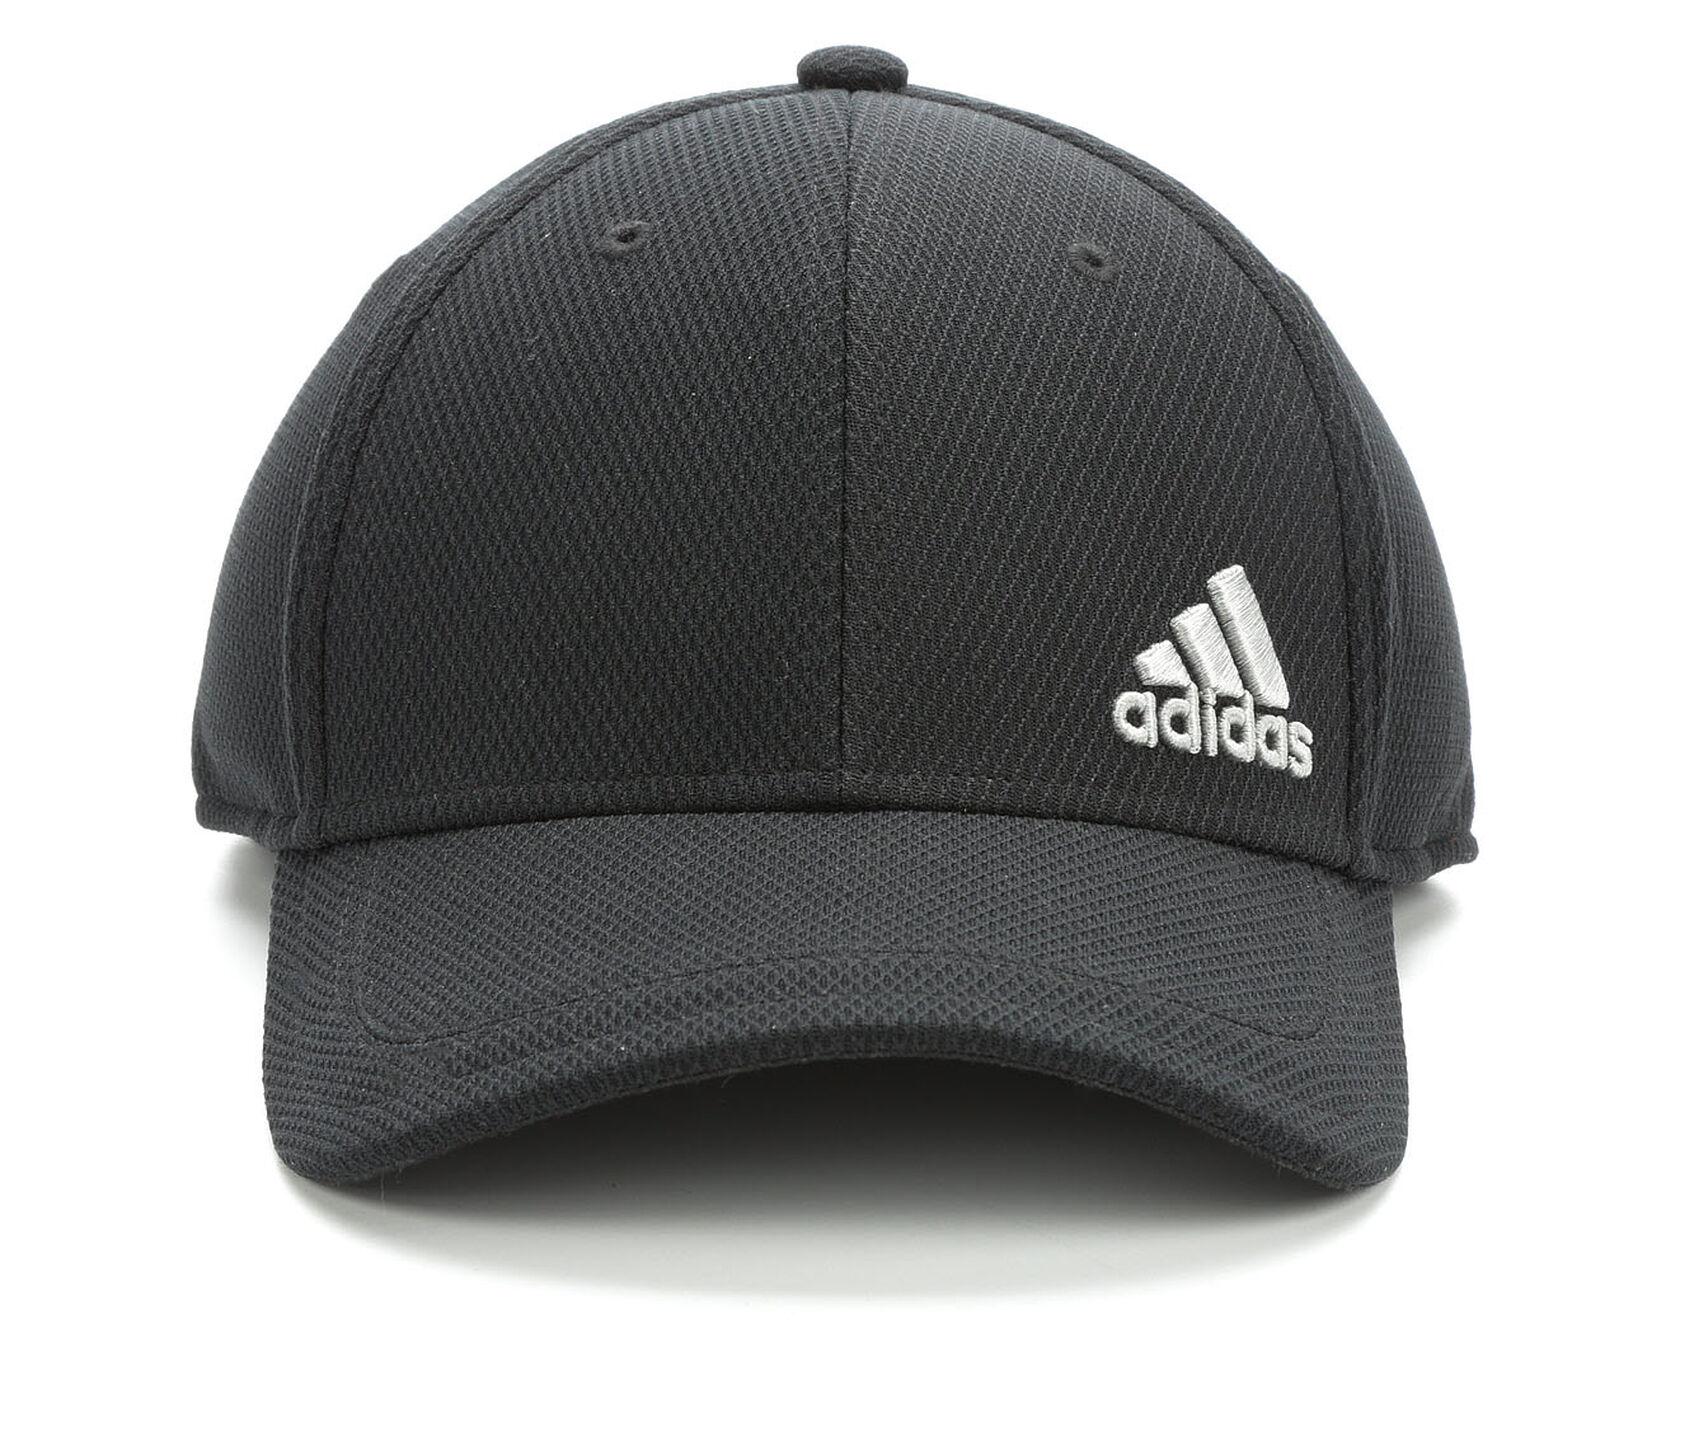 f9e0da6b33b54 Adidas Men's Release Stretch Fit Baseball Cap